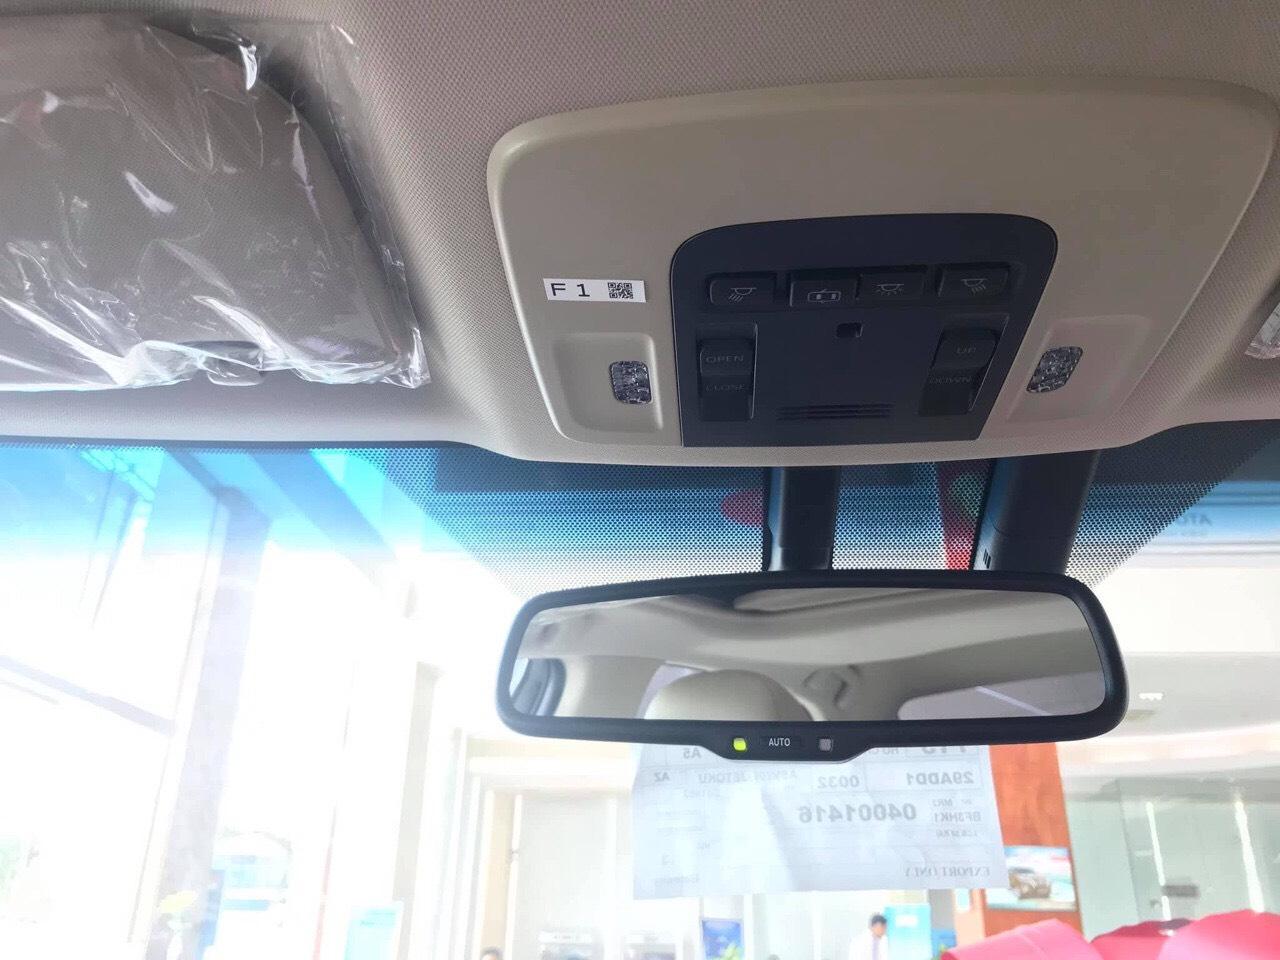 Toyota Camry 2.5Q ảnh 7 - Camry 2.5Q [hienthinam]: giá xe và khuyến mãi tháng [hienthithang]